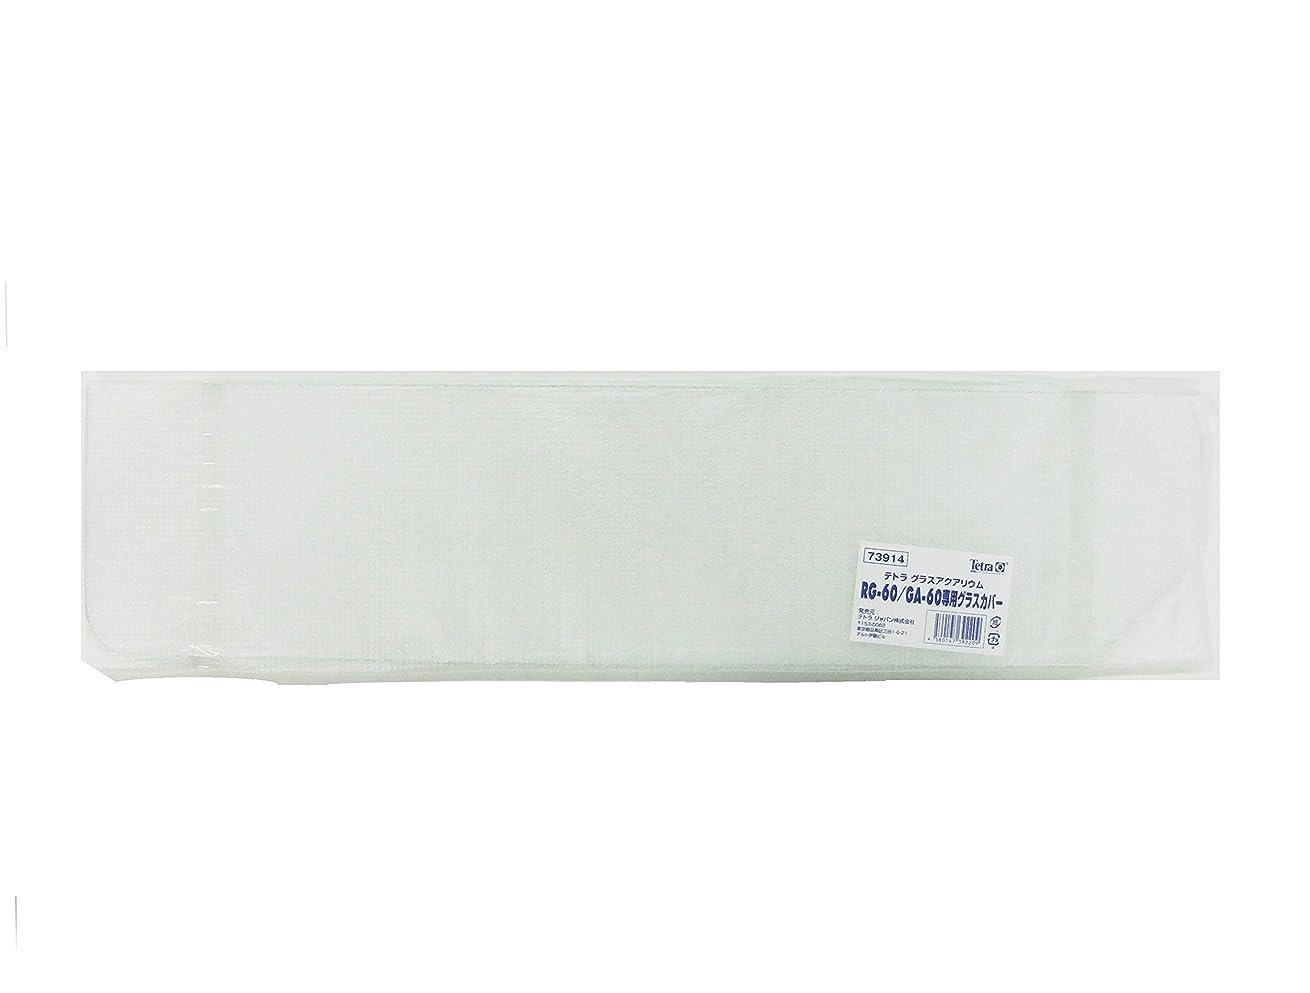 ベジタリアンマエストロ発症オールガラス水槽アクロ30/30H専用 ガラスフタ(28.3×22.5)